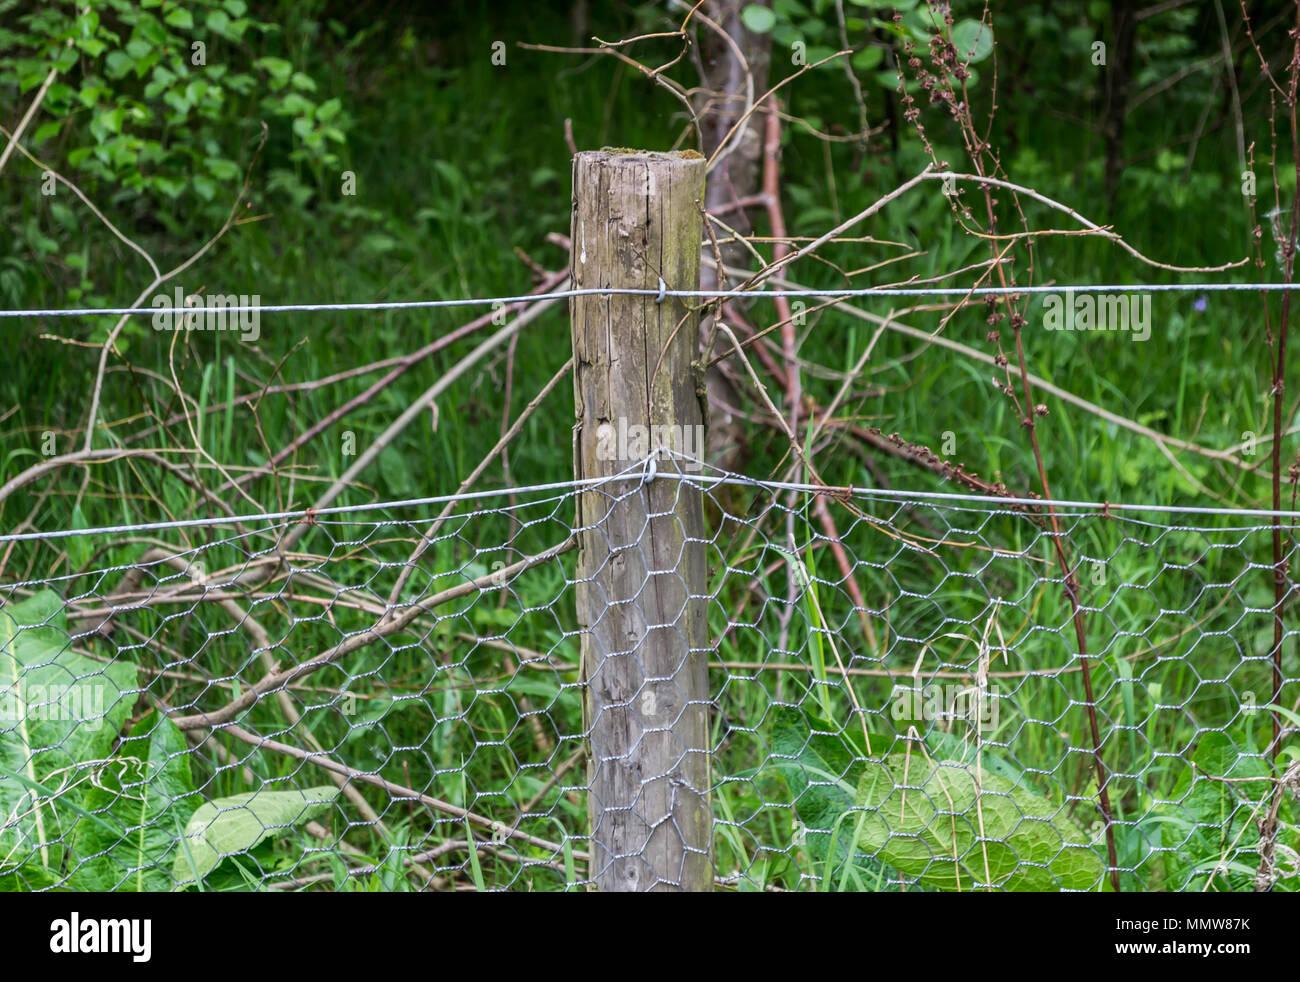 Chicken Wood Cage Stockfotos & Chicken Wood Cage Bilder - Alamy